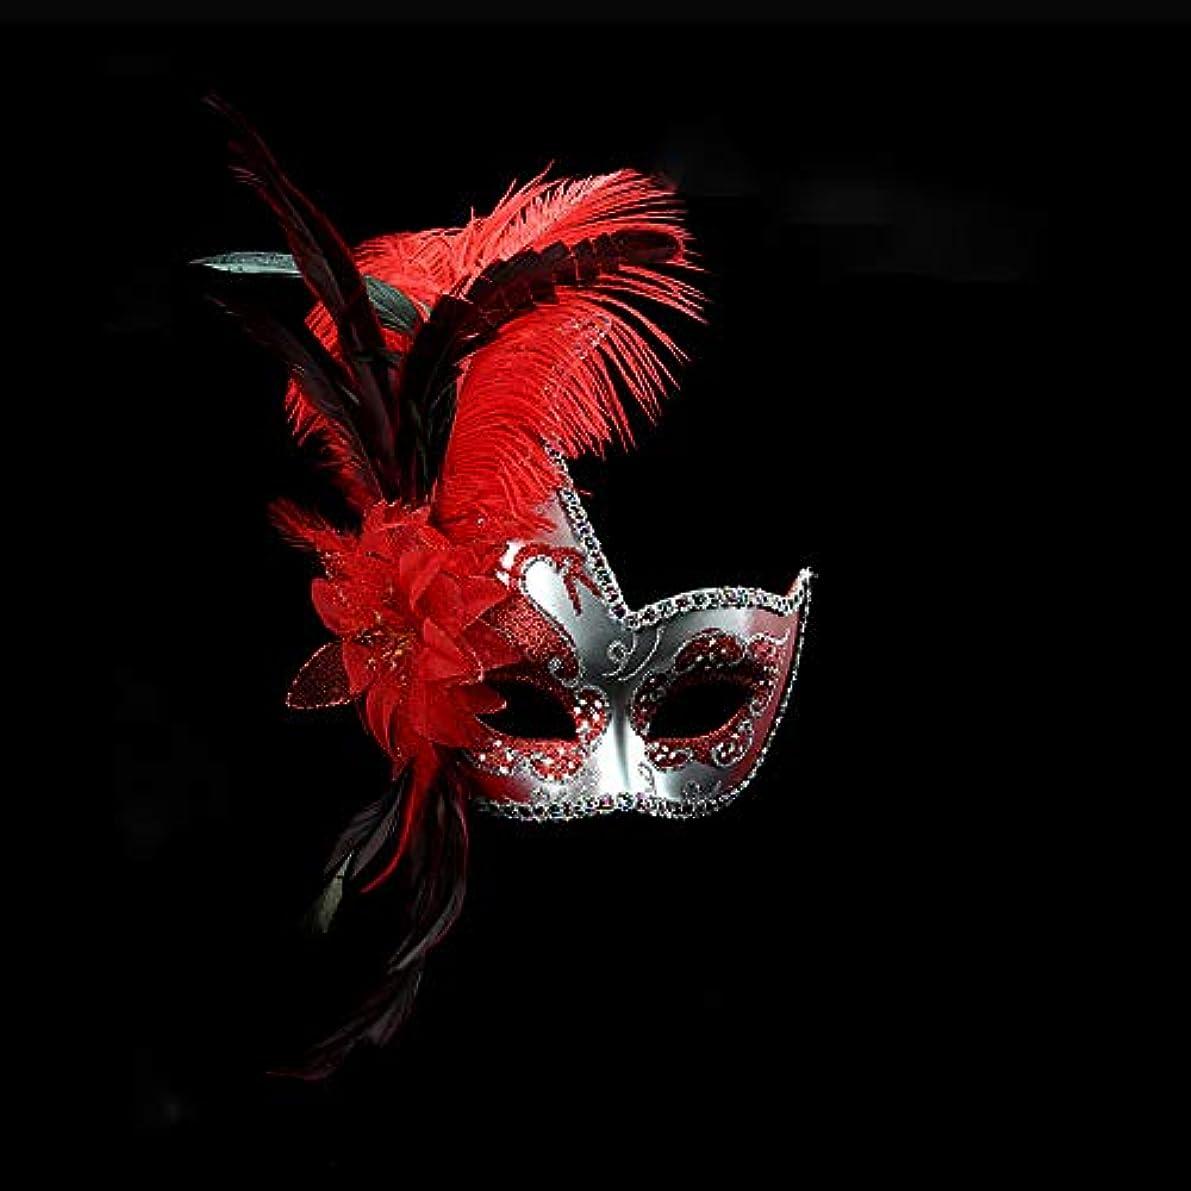 制限国歌ロイヤリティNanle ハロウィンマスクハーフフェザーマスクベニスプリンセスマスク美容レース仮面ライダーコスプレ (色 : Red)